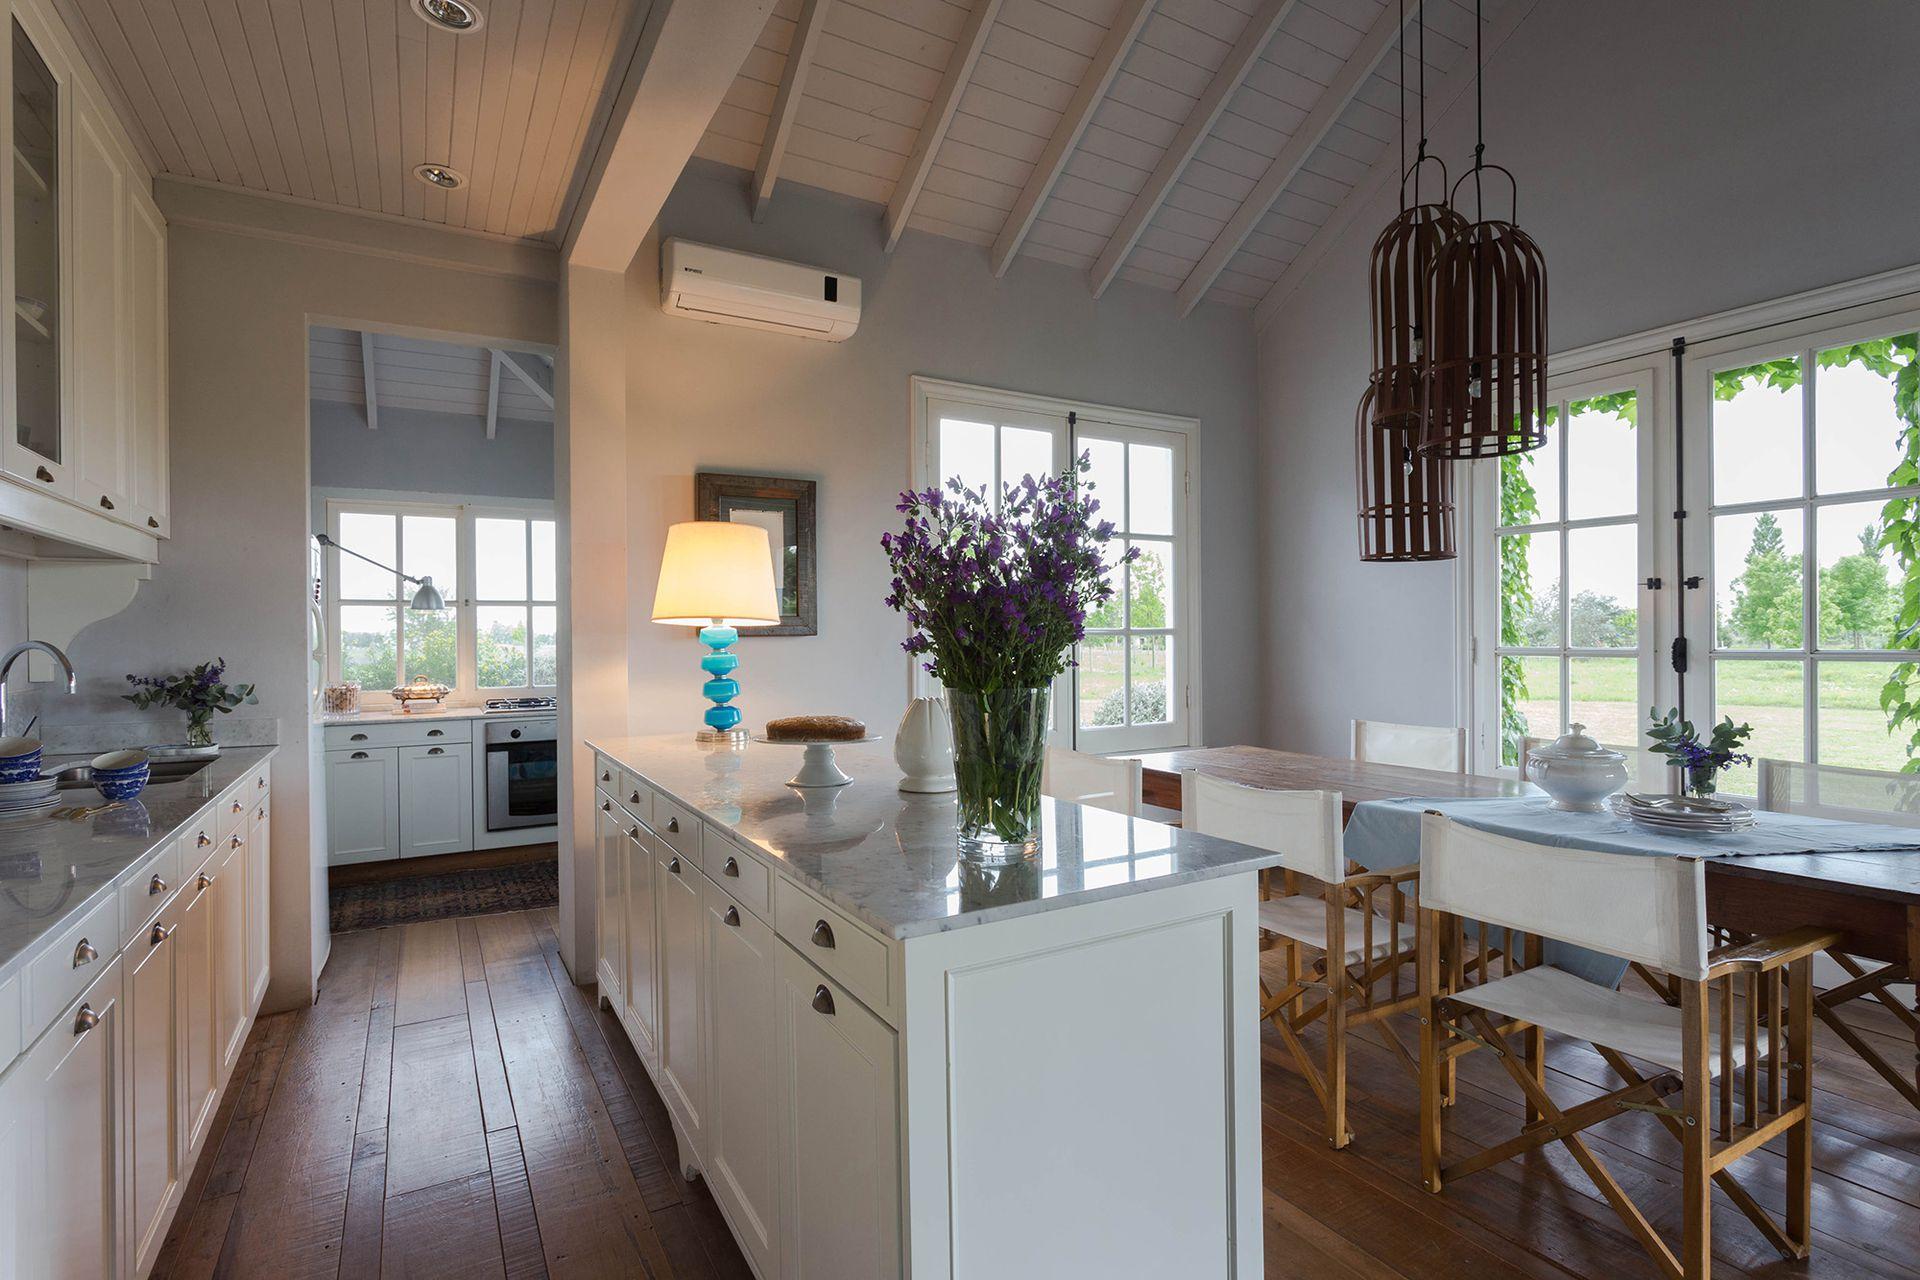 La cocina se pensó como un gran ambiente, con la mesada con bacha paralela a un mueble que funciona como barra.